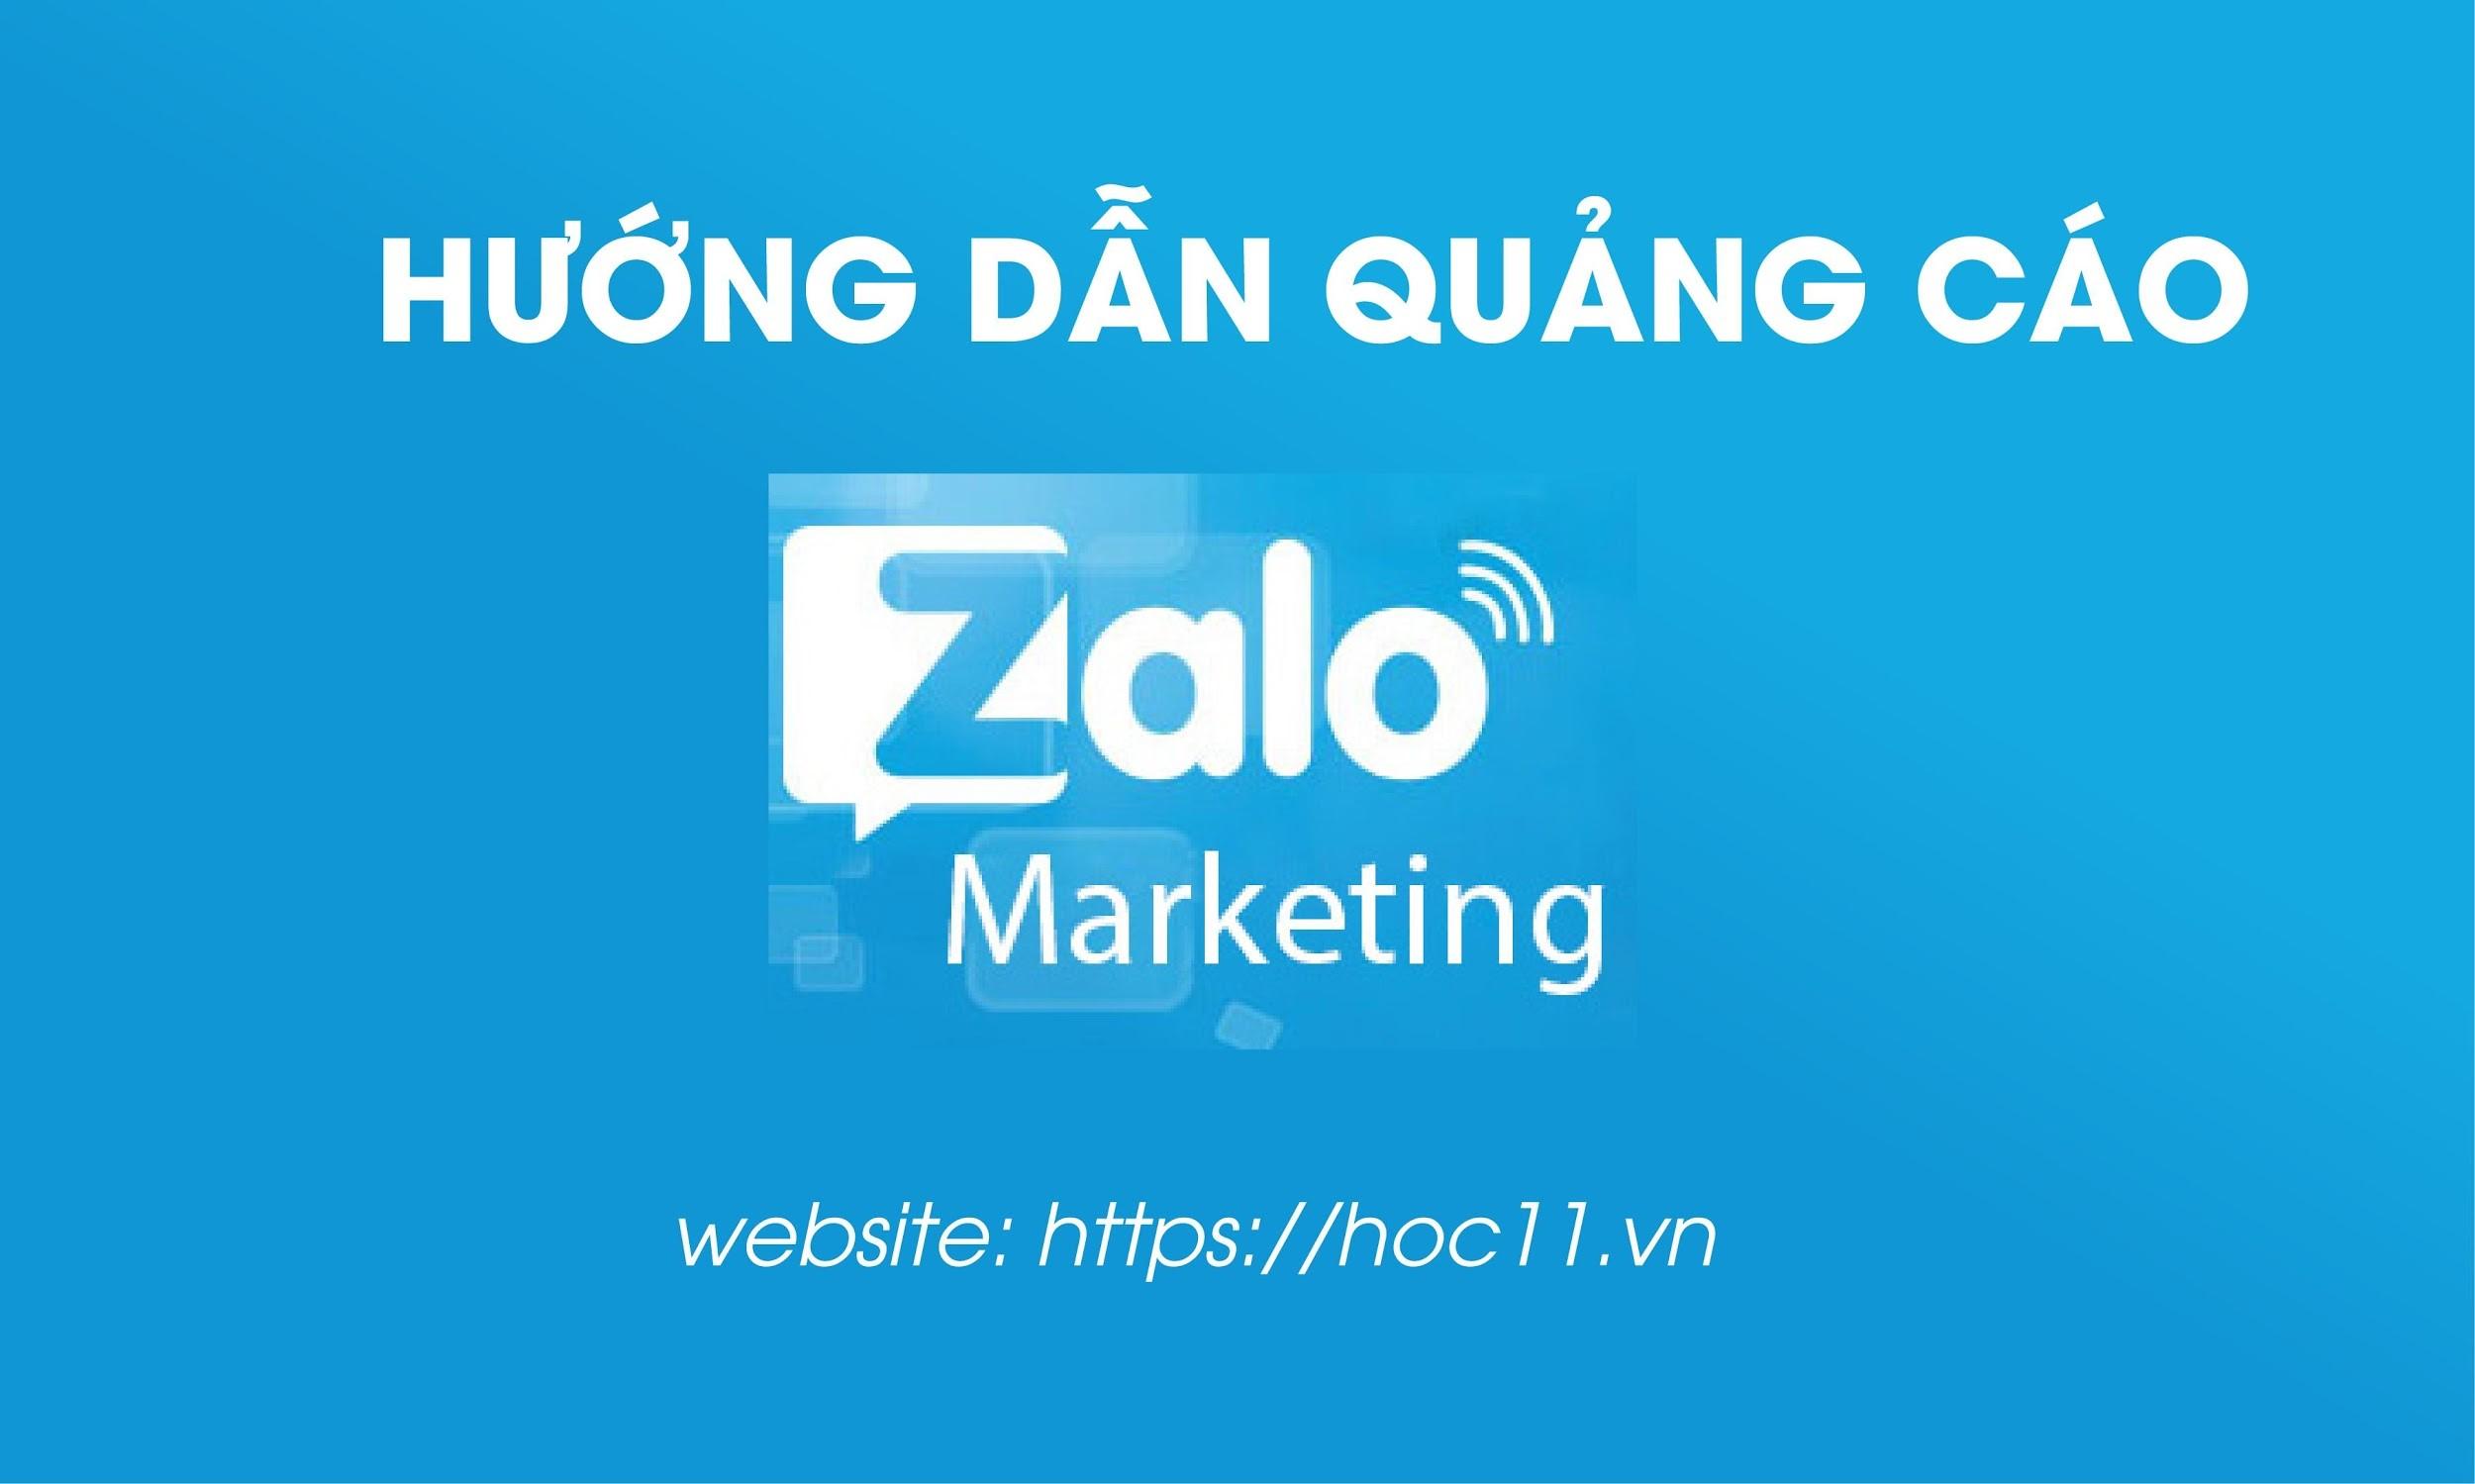 Hướng dẫn quảng cáo Zalo 【HOC11】nhằm tối ưu quảng cáo